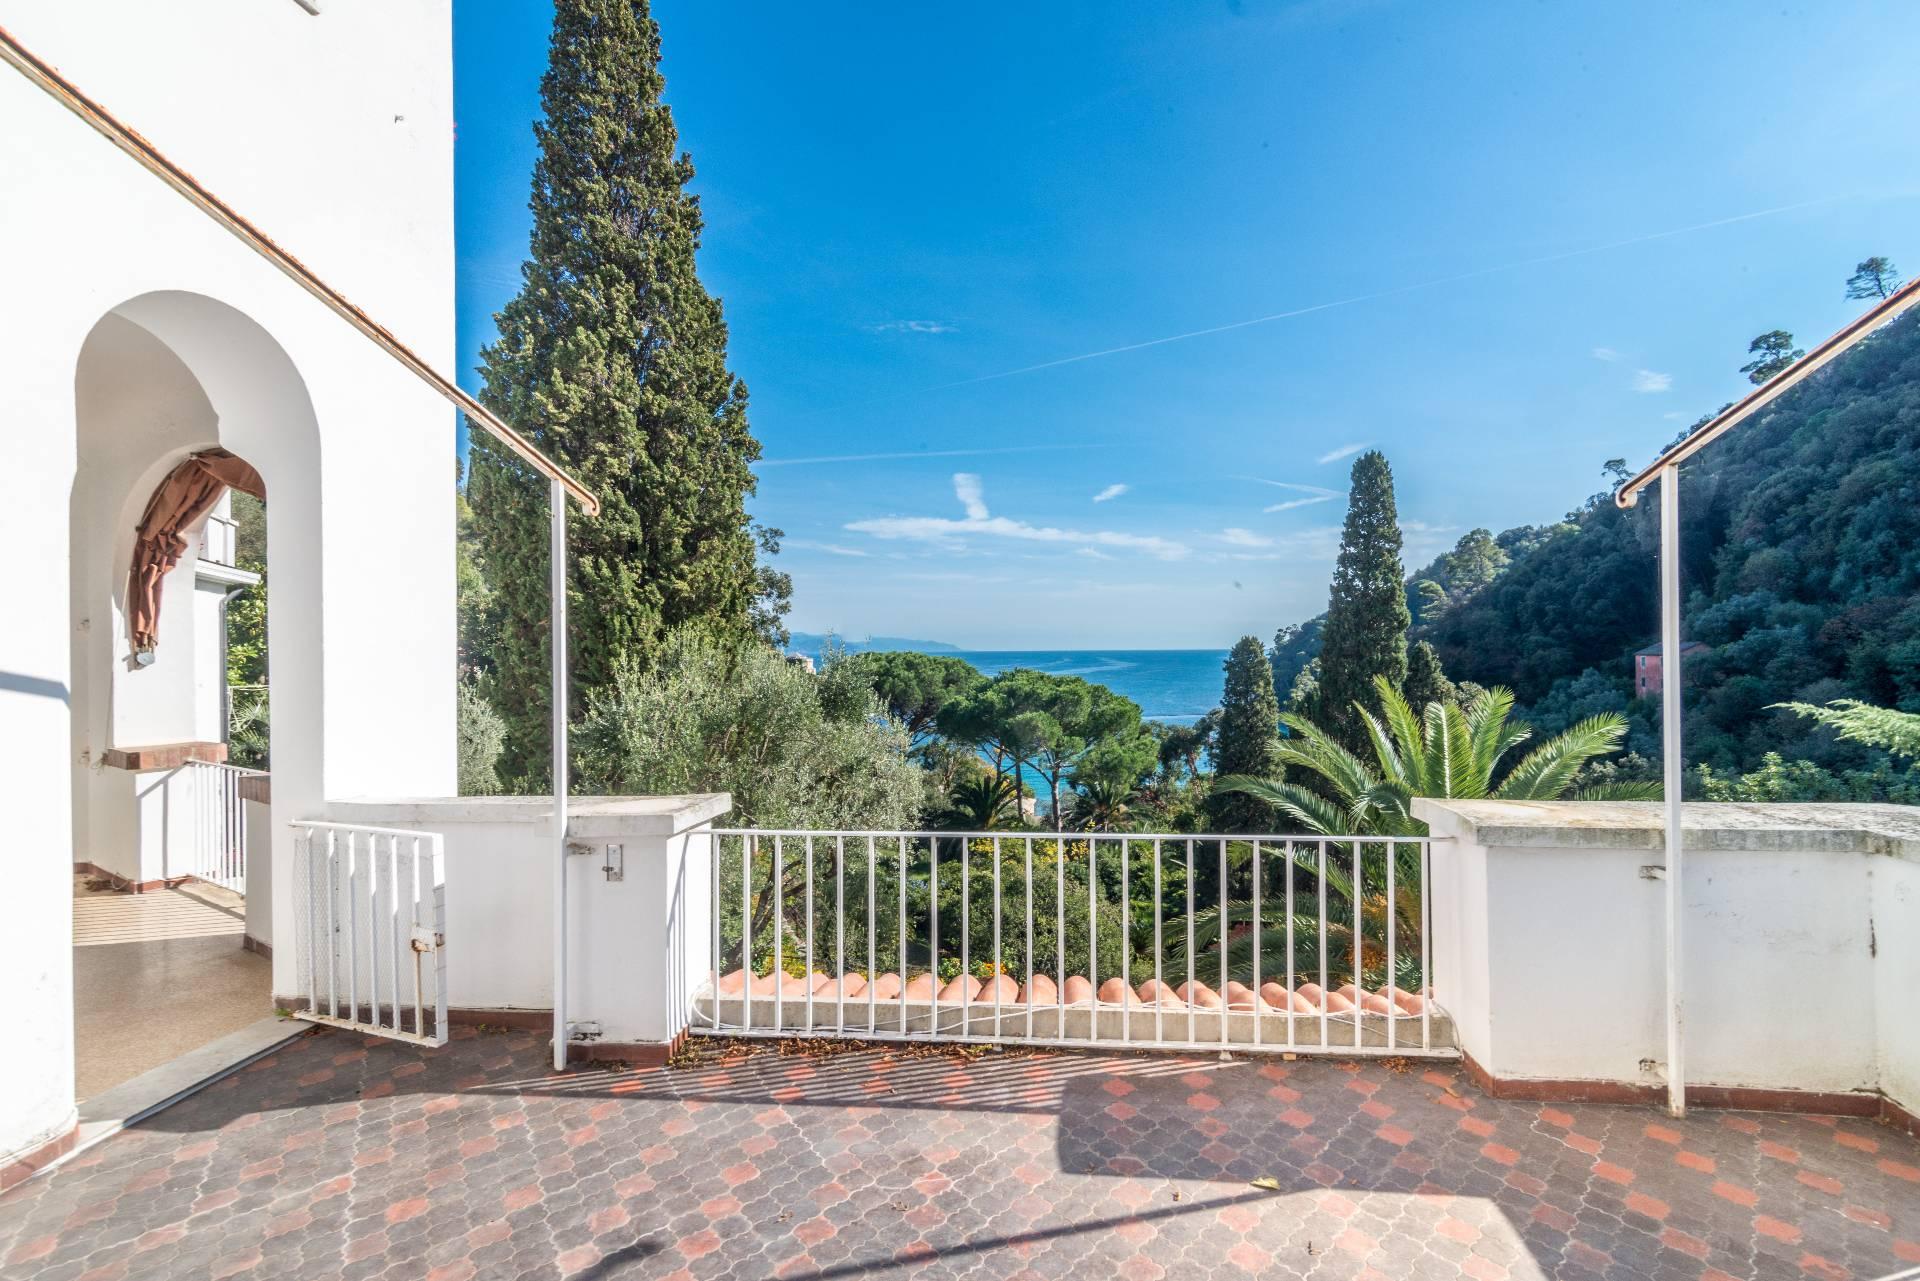 Appartamento in Vendita a Santa Margherita Ligure: 5 locali, 230 mq